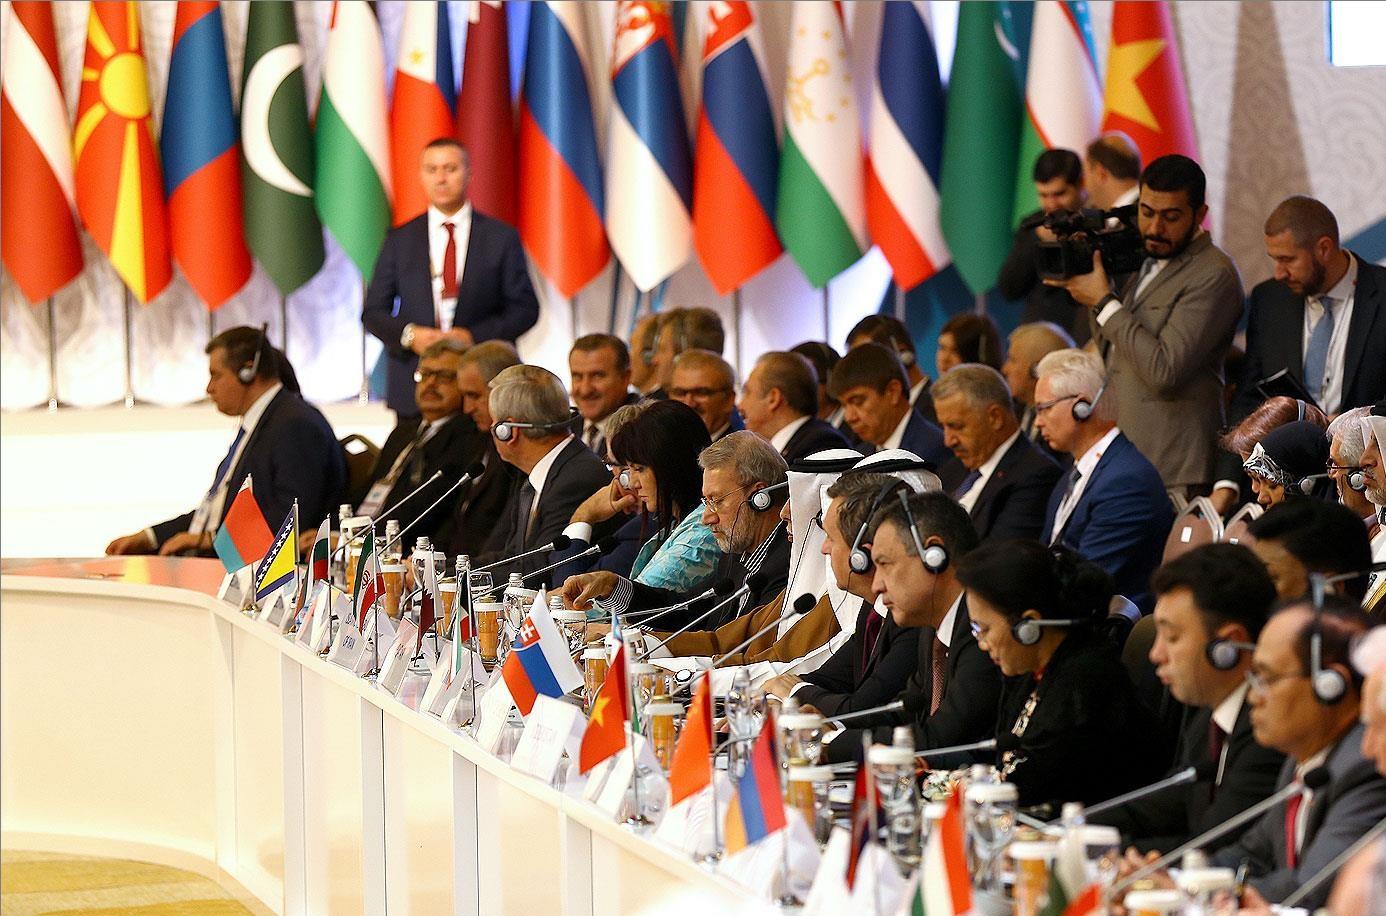 رفتار مجعول آمریکا موجب توسعه درگیریها در منطقه میشود/بروز حادثه تروریستی در اهواز بیانگر تداوم حملات تروریستی در دنیاست